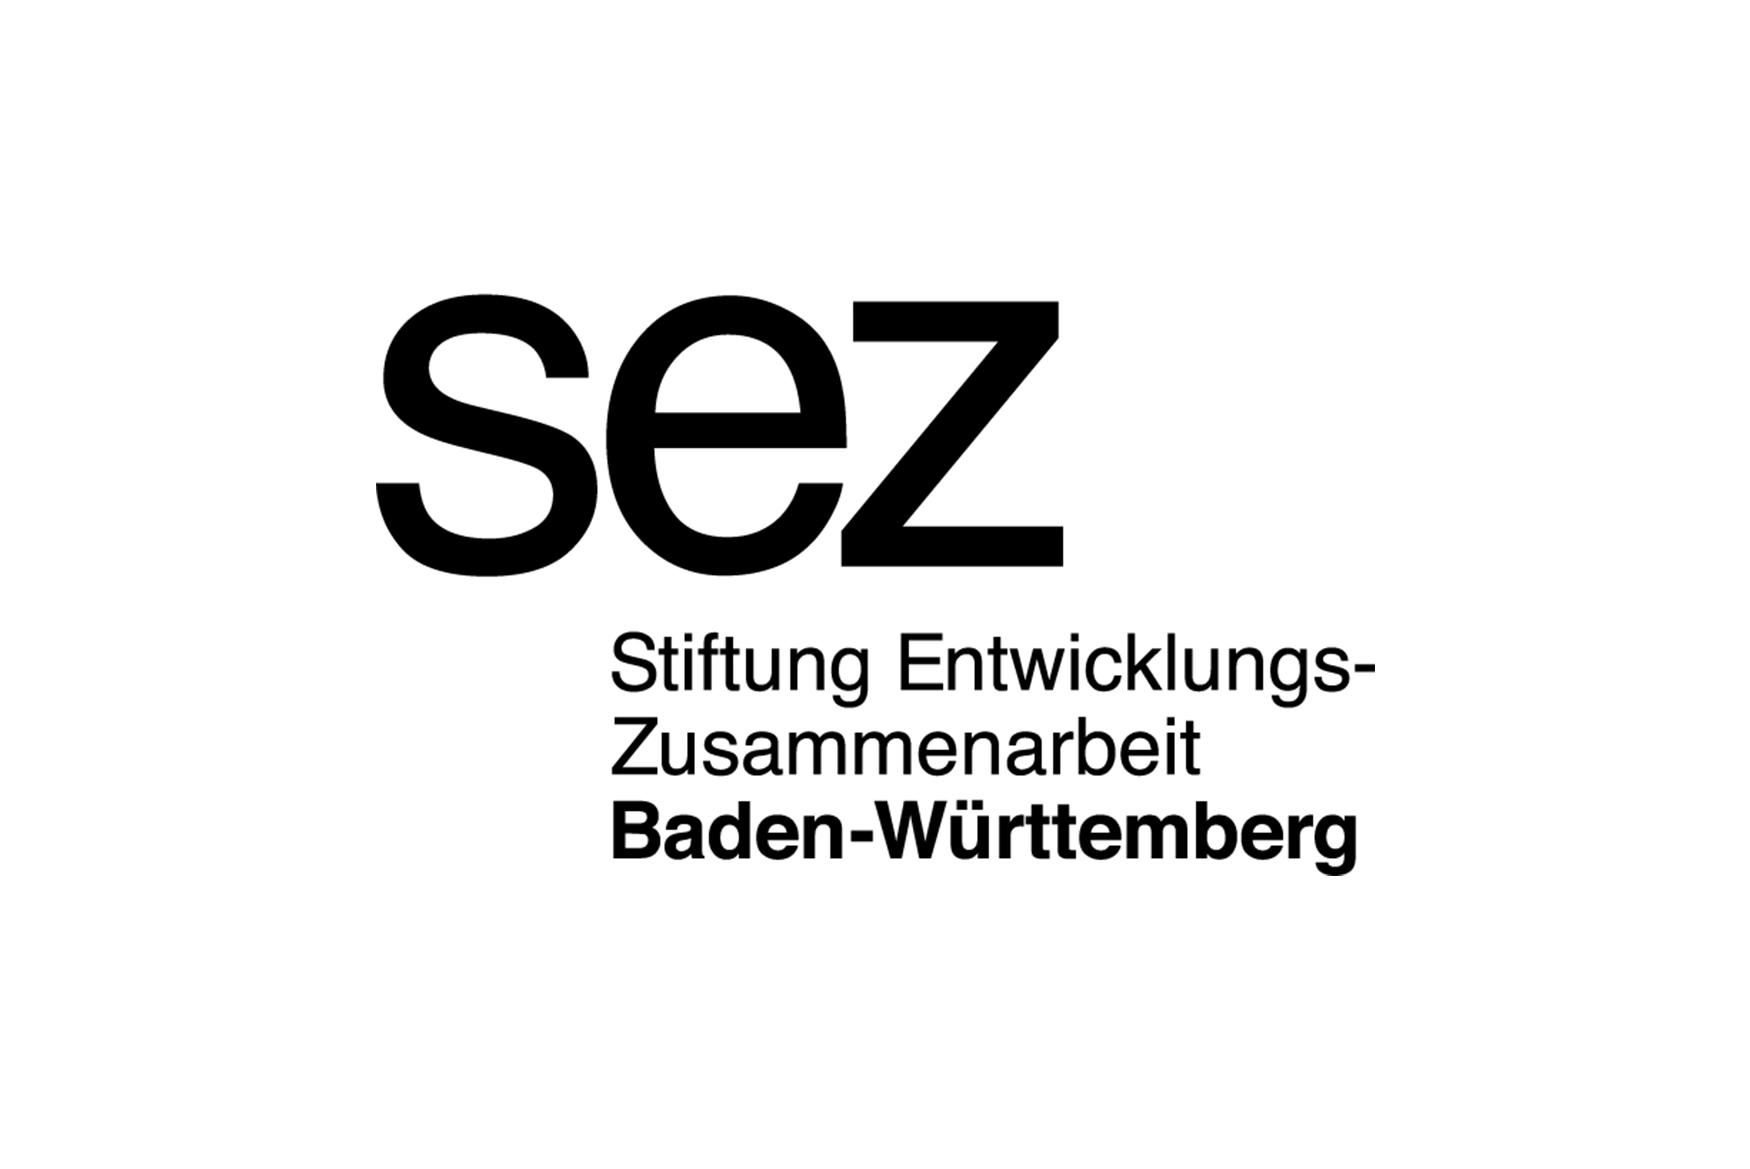 Design-Agentur-Stuttgart-Kreativbetrieb-Kunde-10